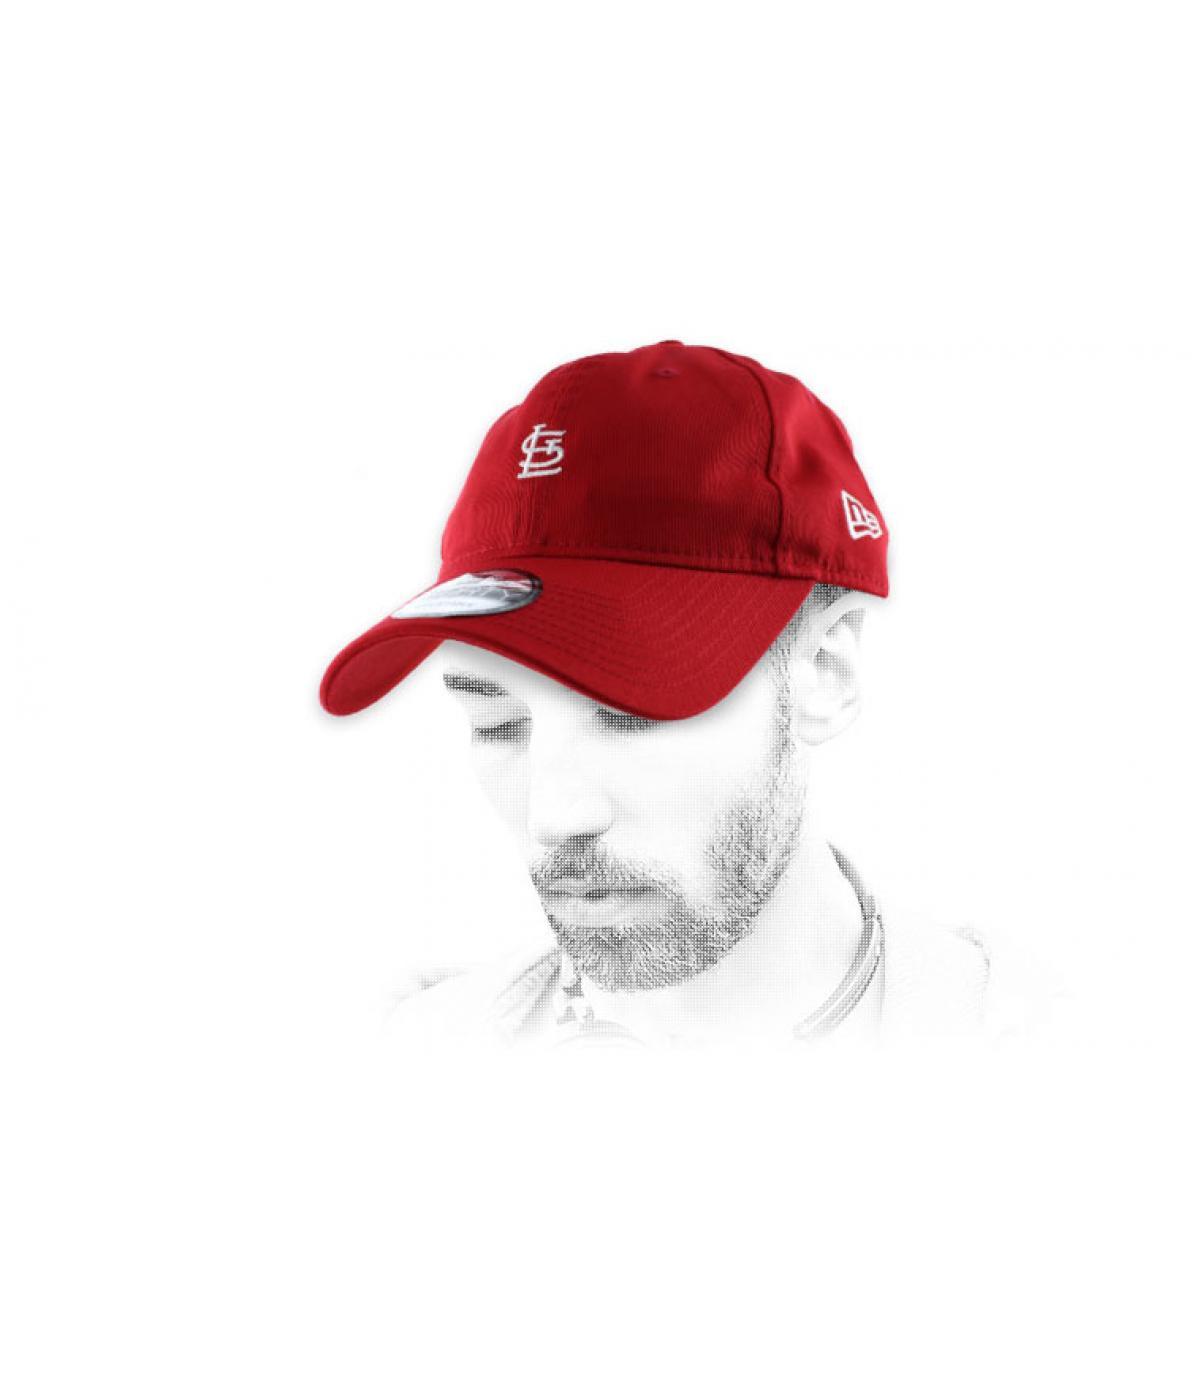 casquette St Louis rouge